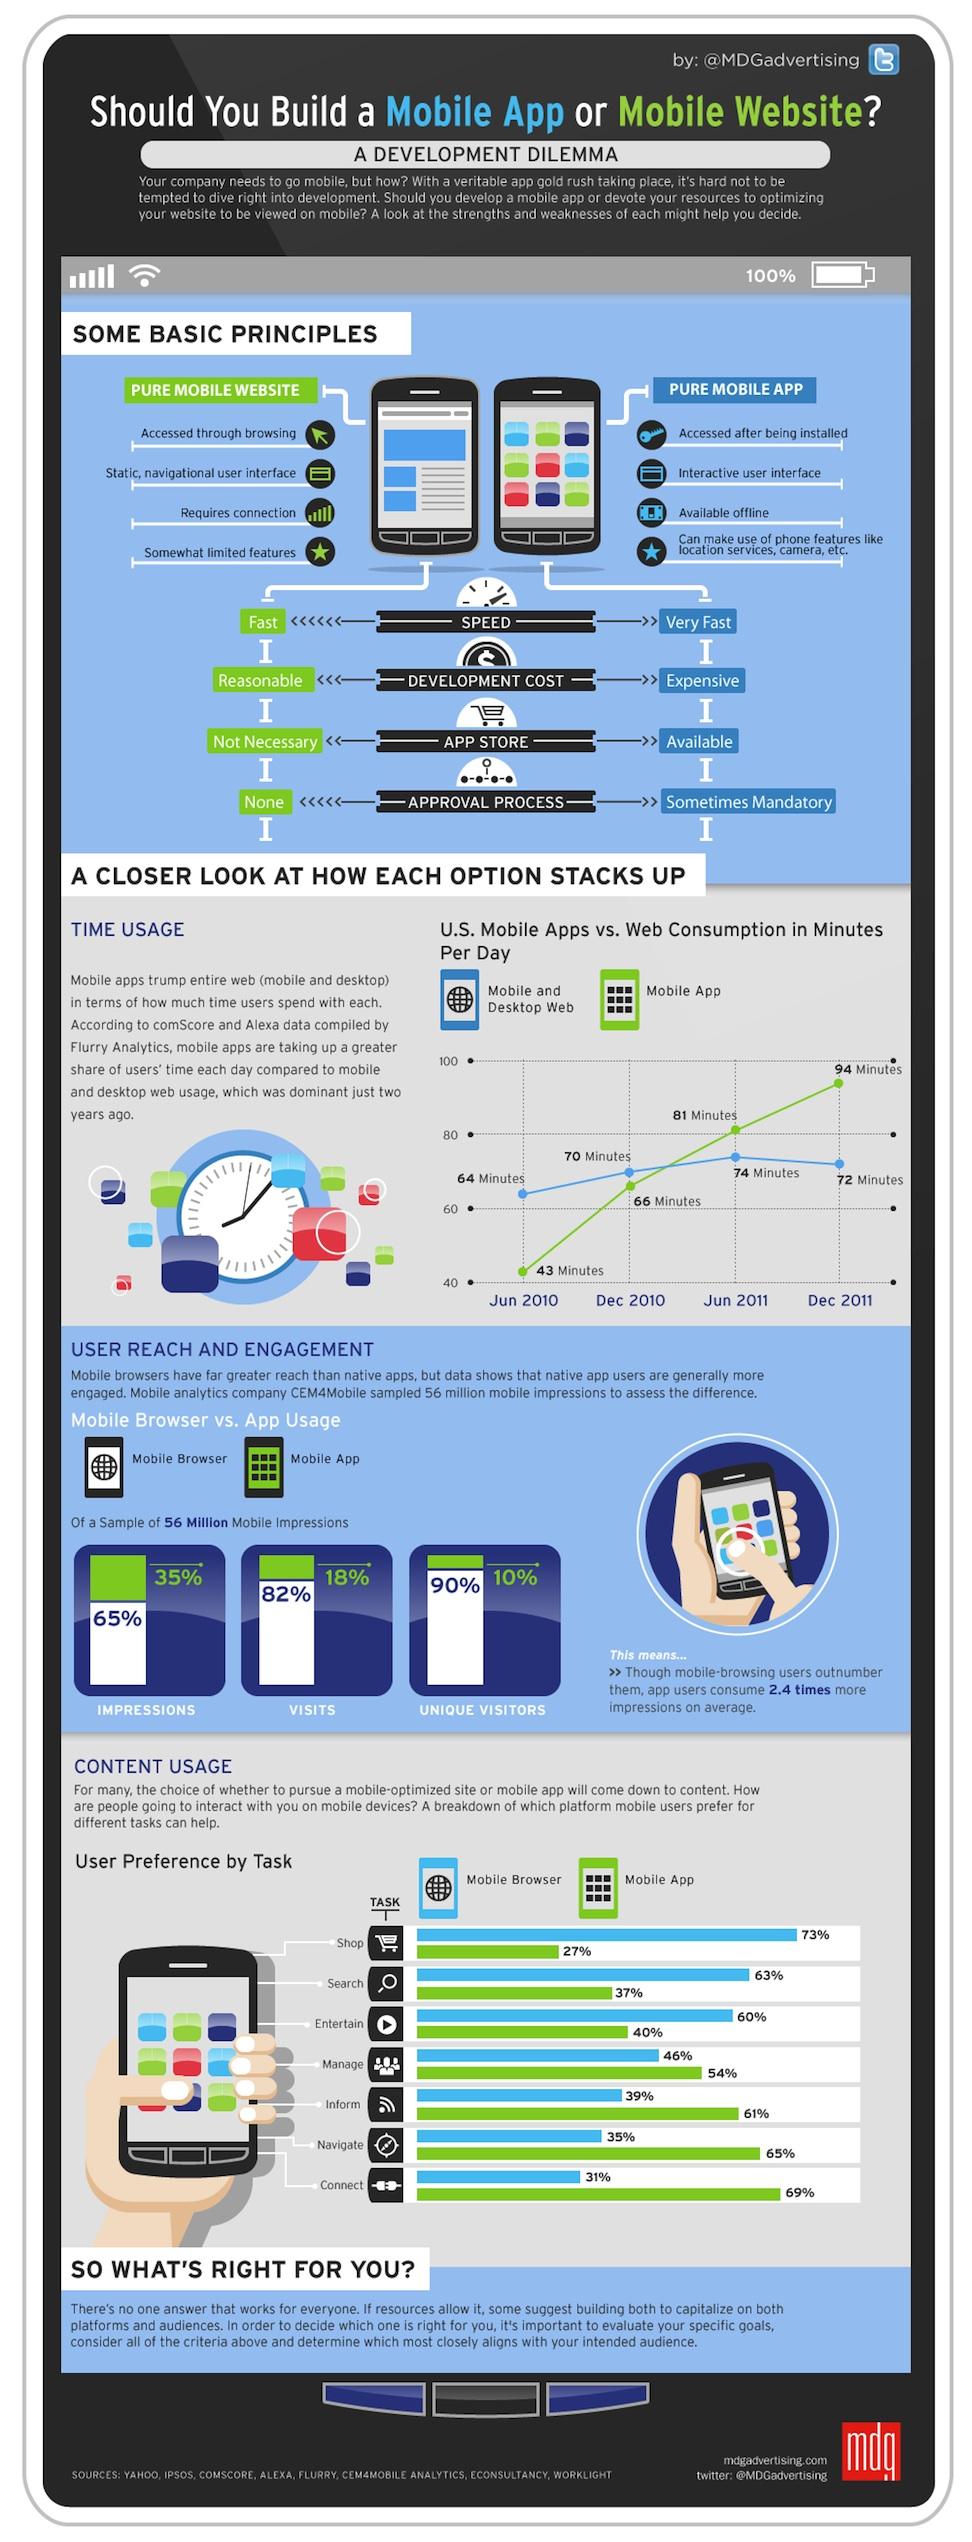 Mobile Site vs App